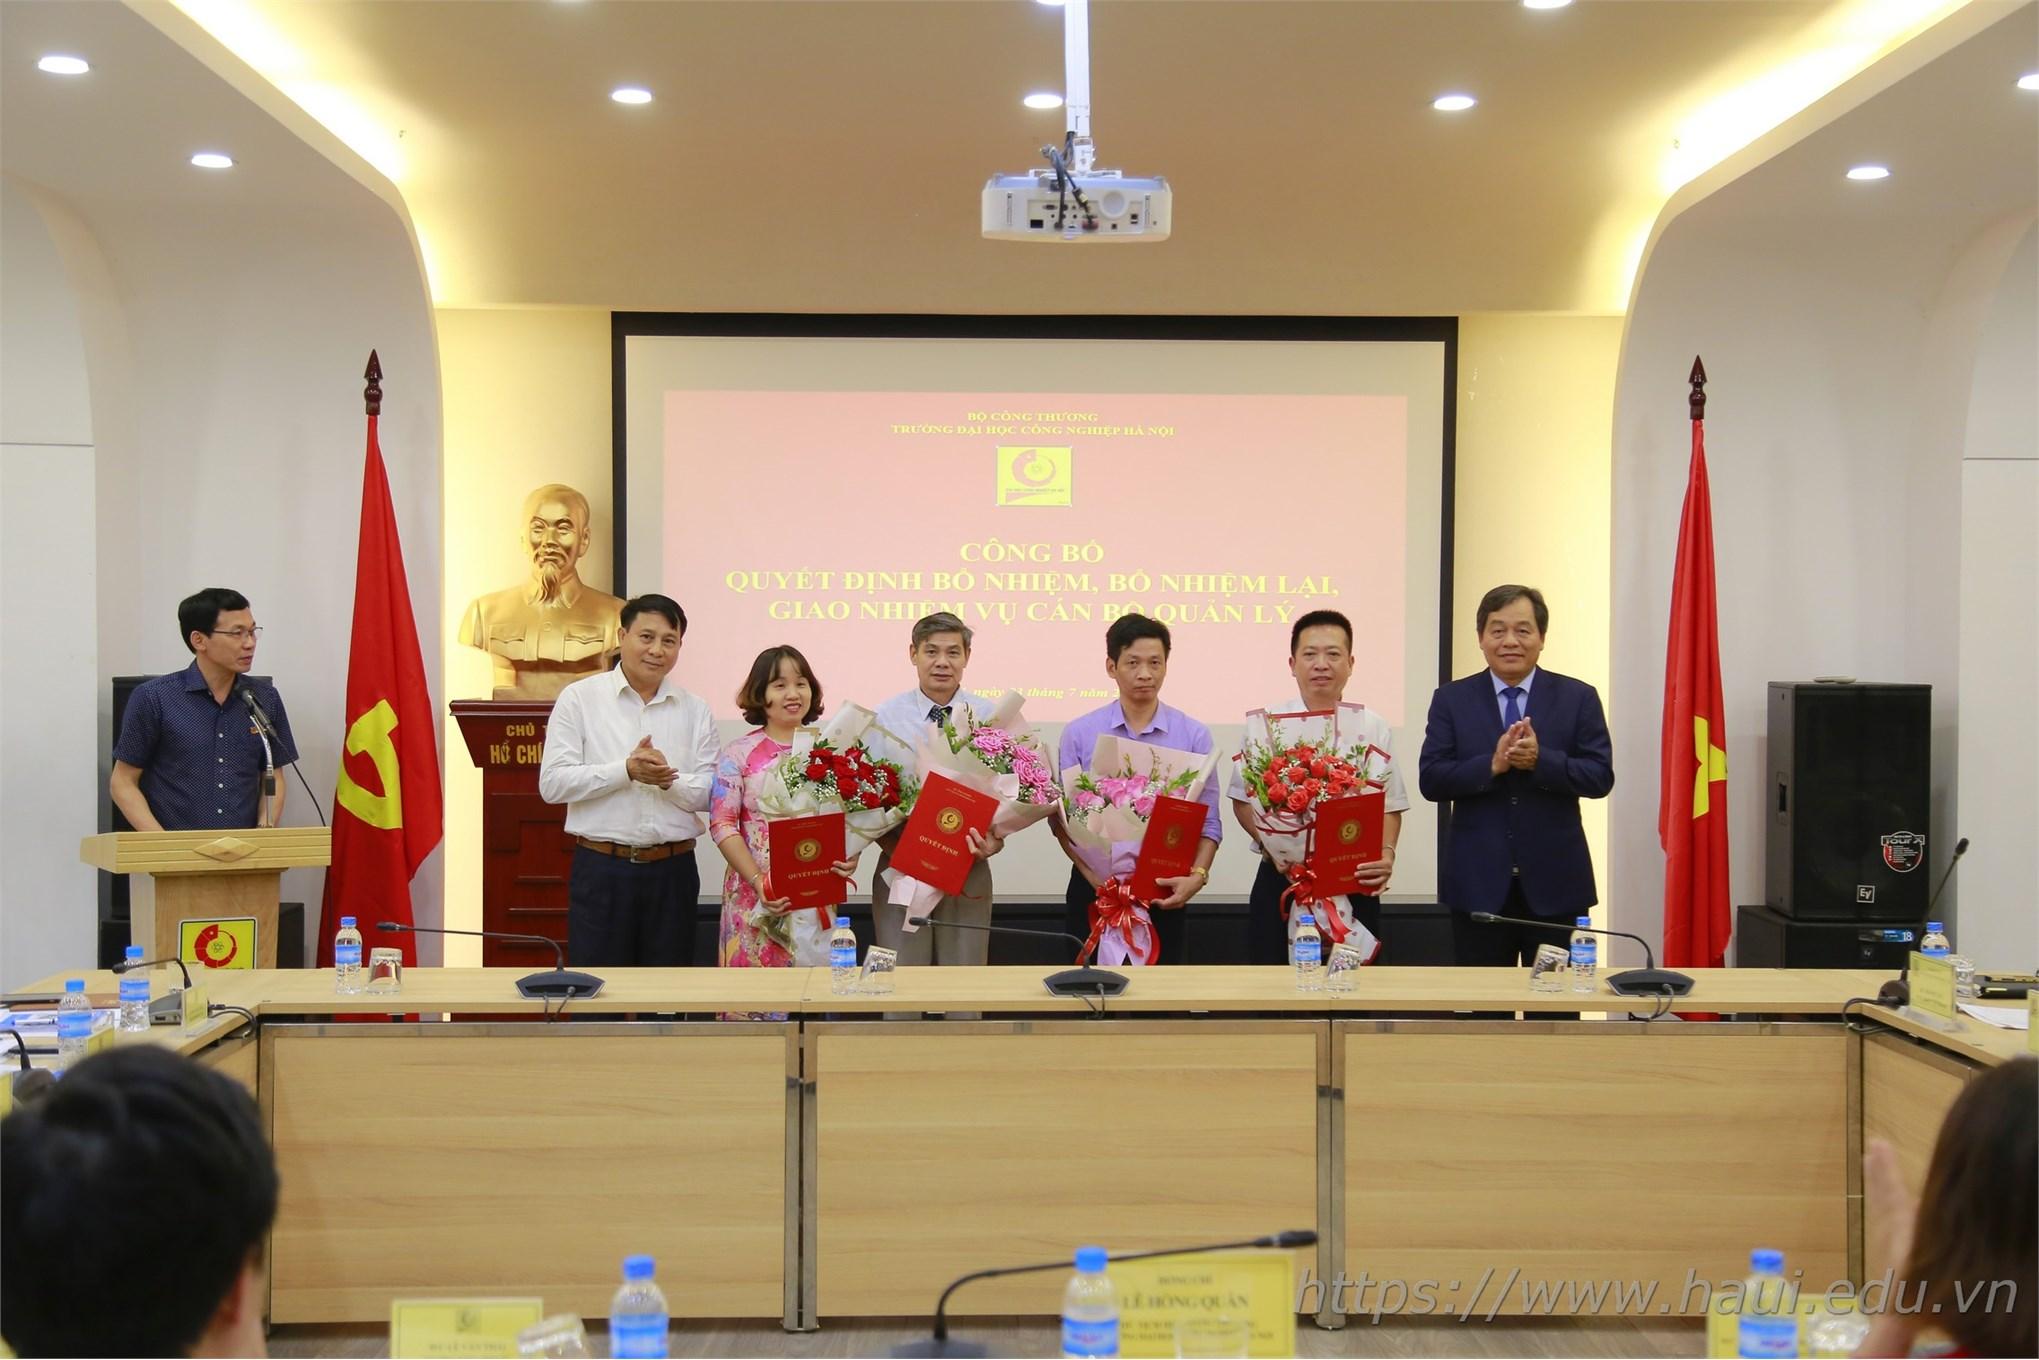 Đại học Công nghiệp Hà Nội trao Quyết định bổ nhiệm, bổ nhiệm lại, giao nhiệm vụ viên chức quản lý và công bố Quyết định bổ nhiệm Phó giáo sư